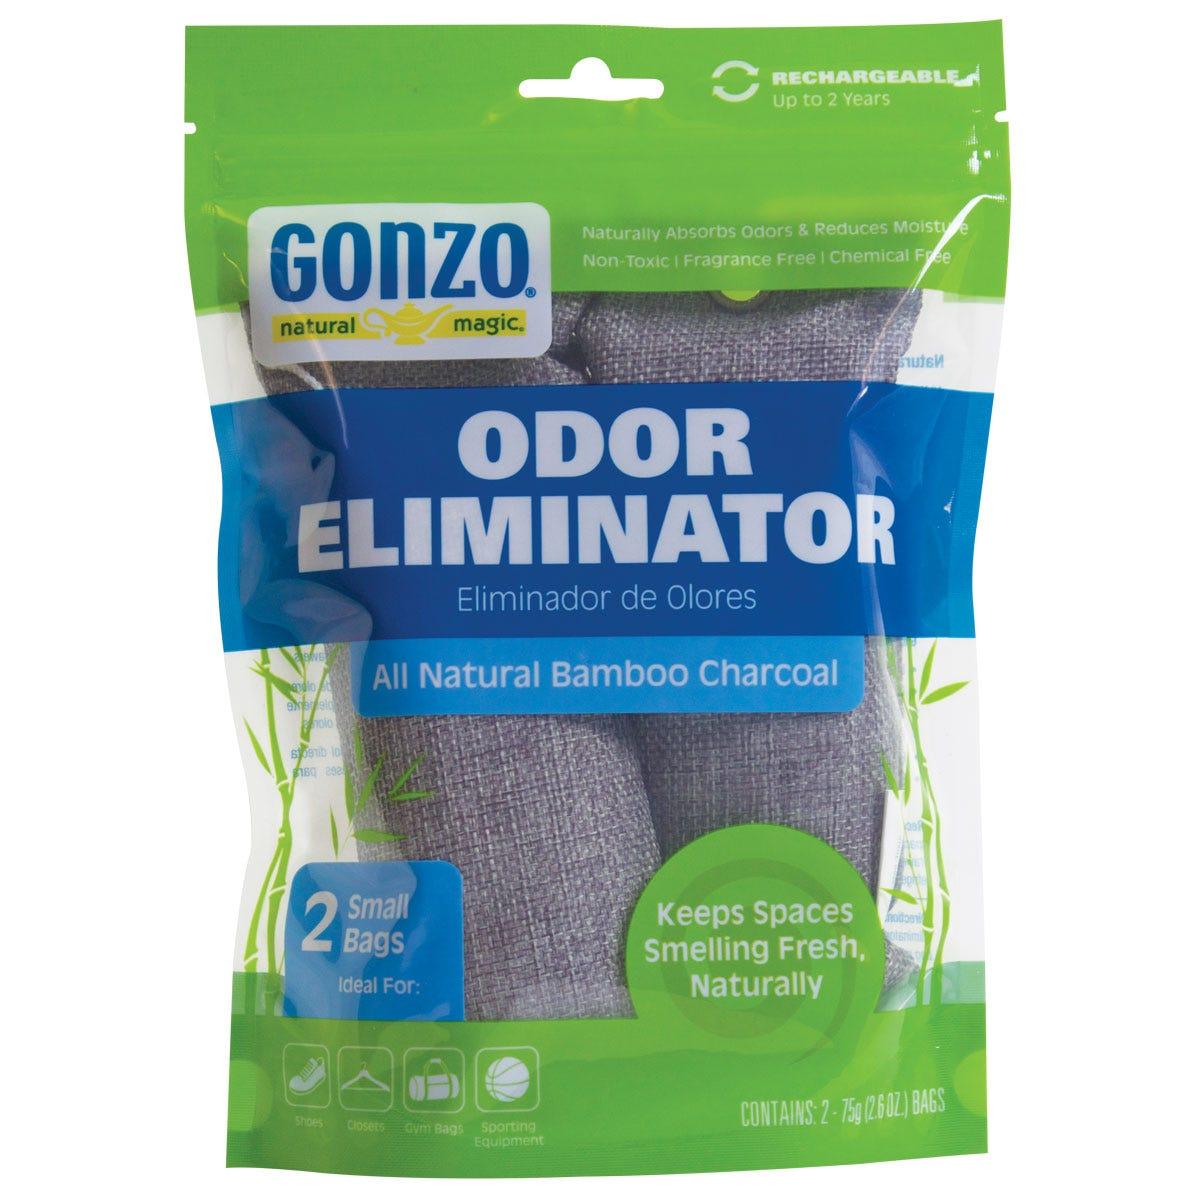 https://googone.com/media/catalog/product/g/y/gym-bag-odor-eliminator_front.jpg